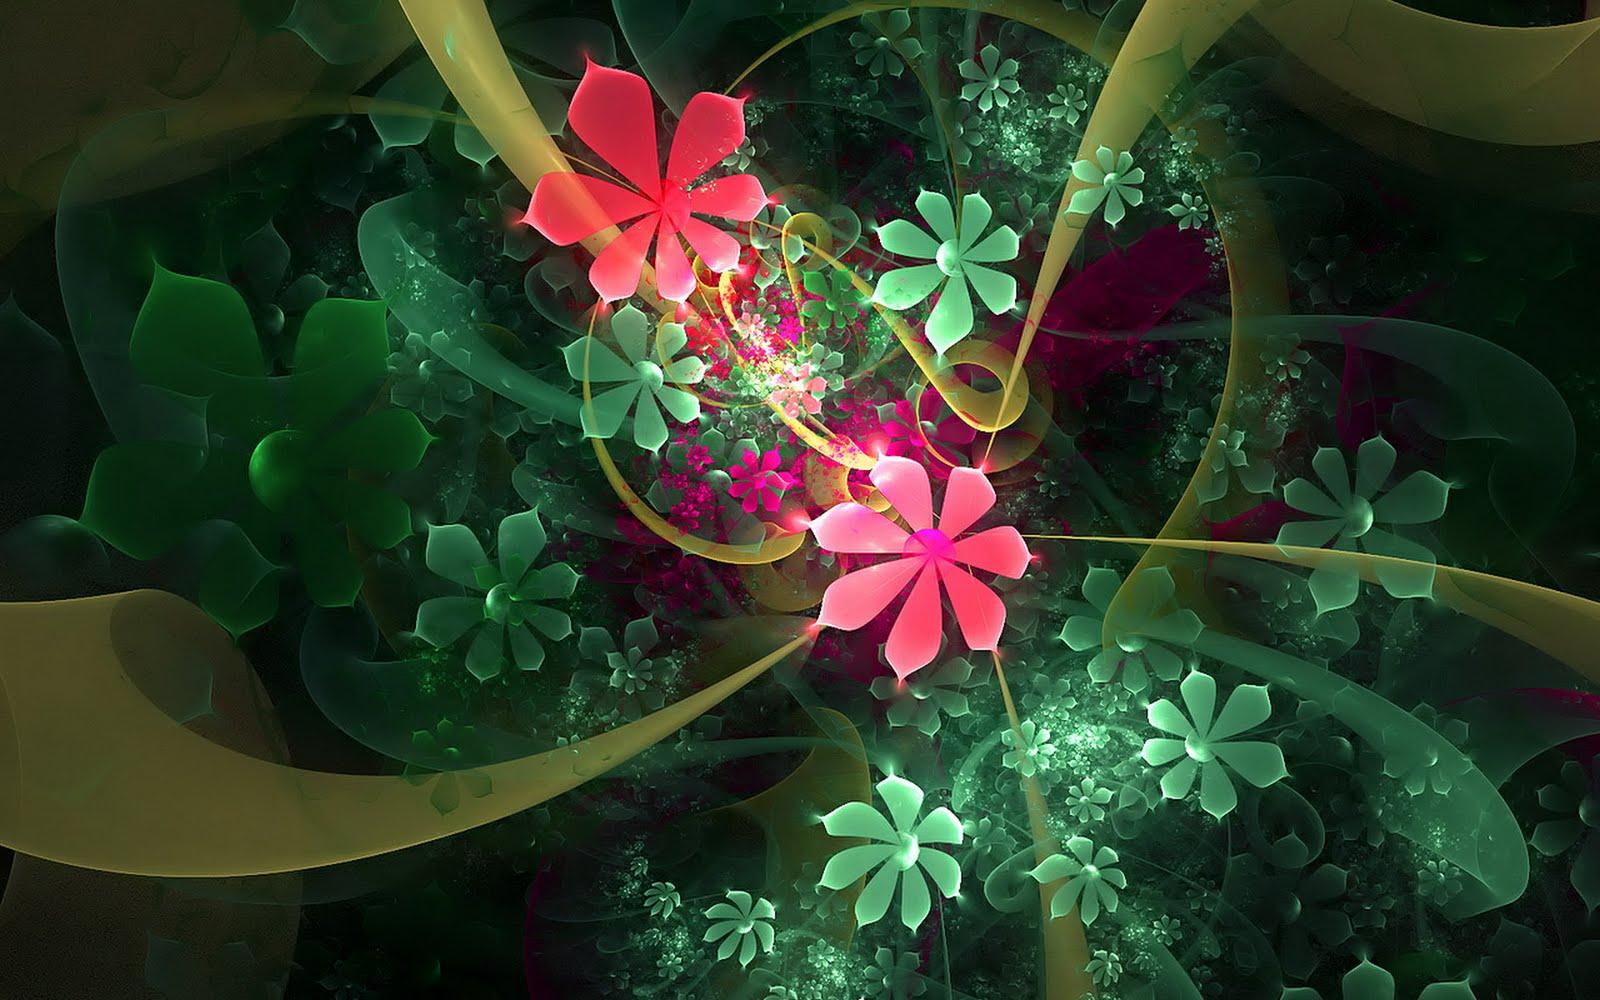 Imagem de Fundo - Desenho de flores em várias cores